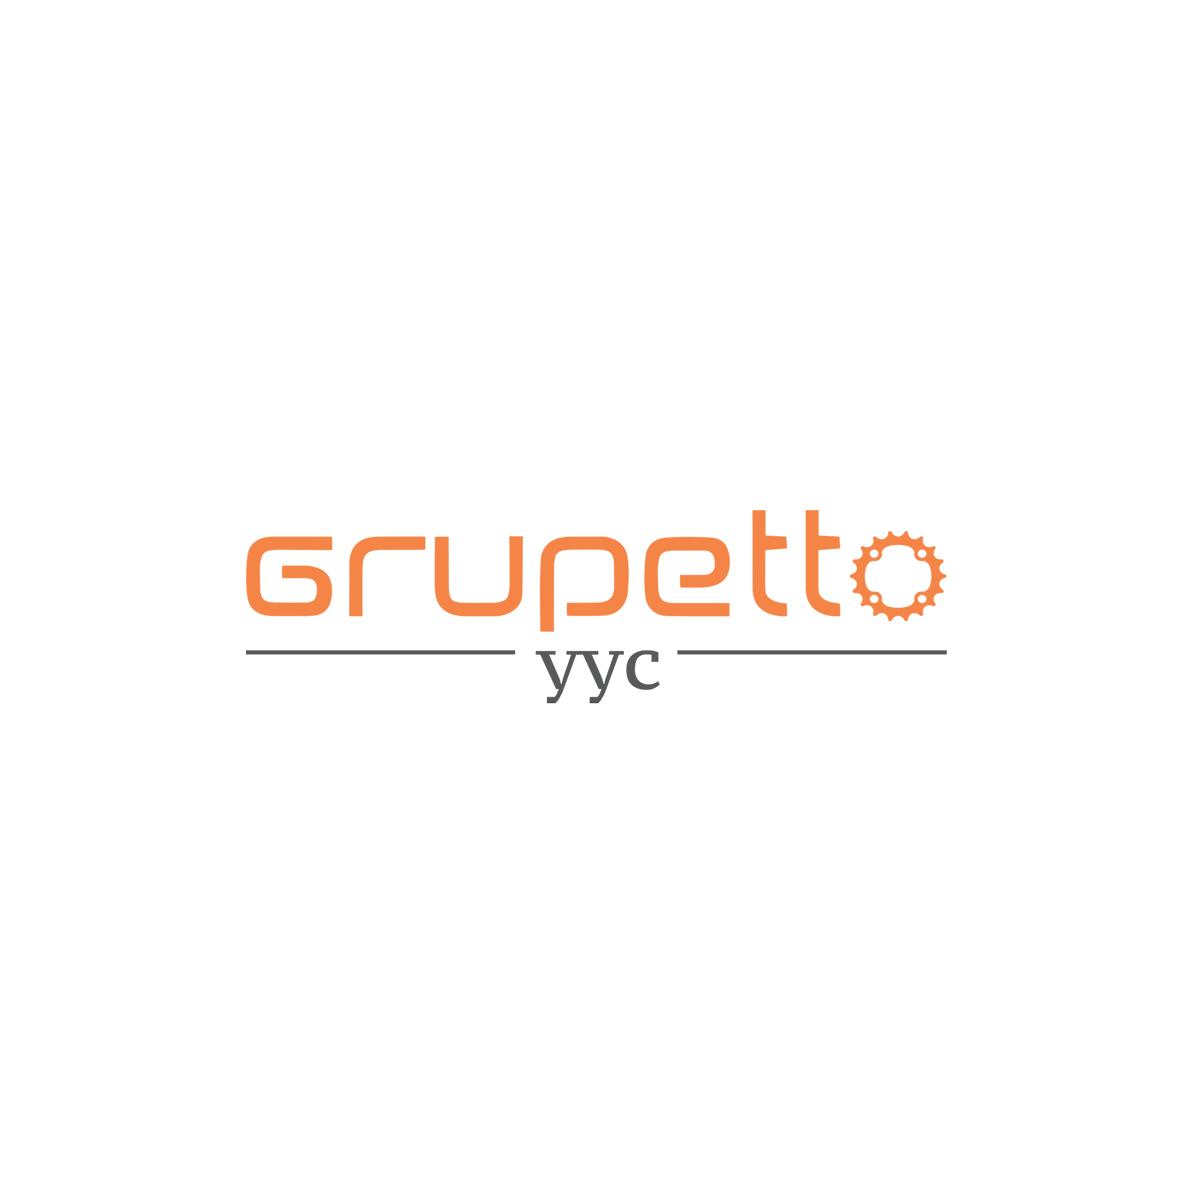 Club Grupetto YYC logo